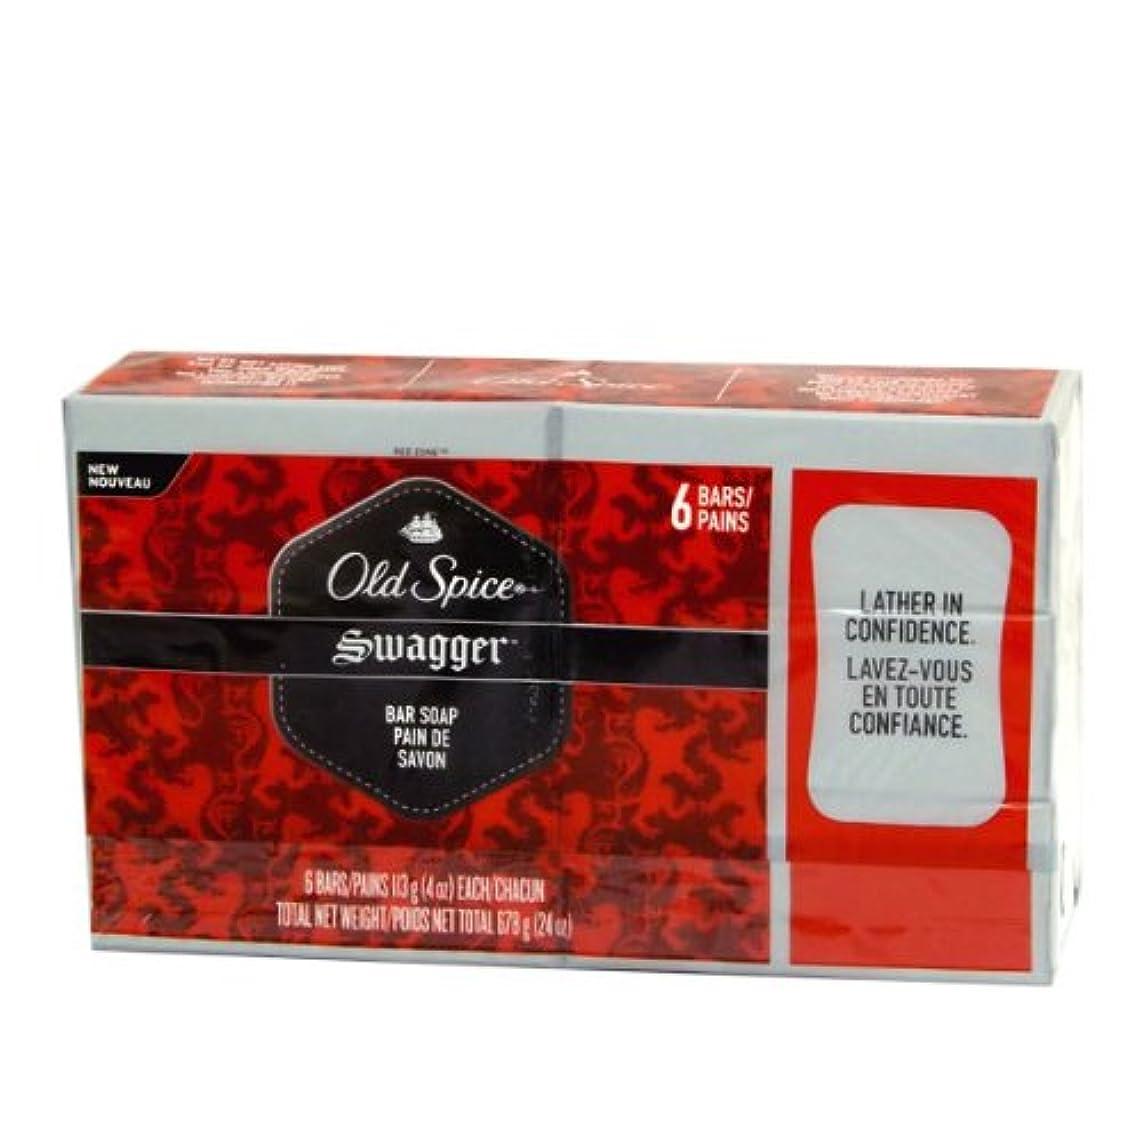 ステープルバッテリー課すOld spice bar soap swagger オールドスパイス バーソープ スワガー (石鹸) 6個パック [並行輸入品]